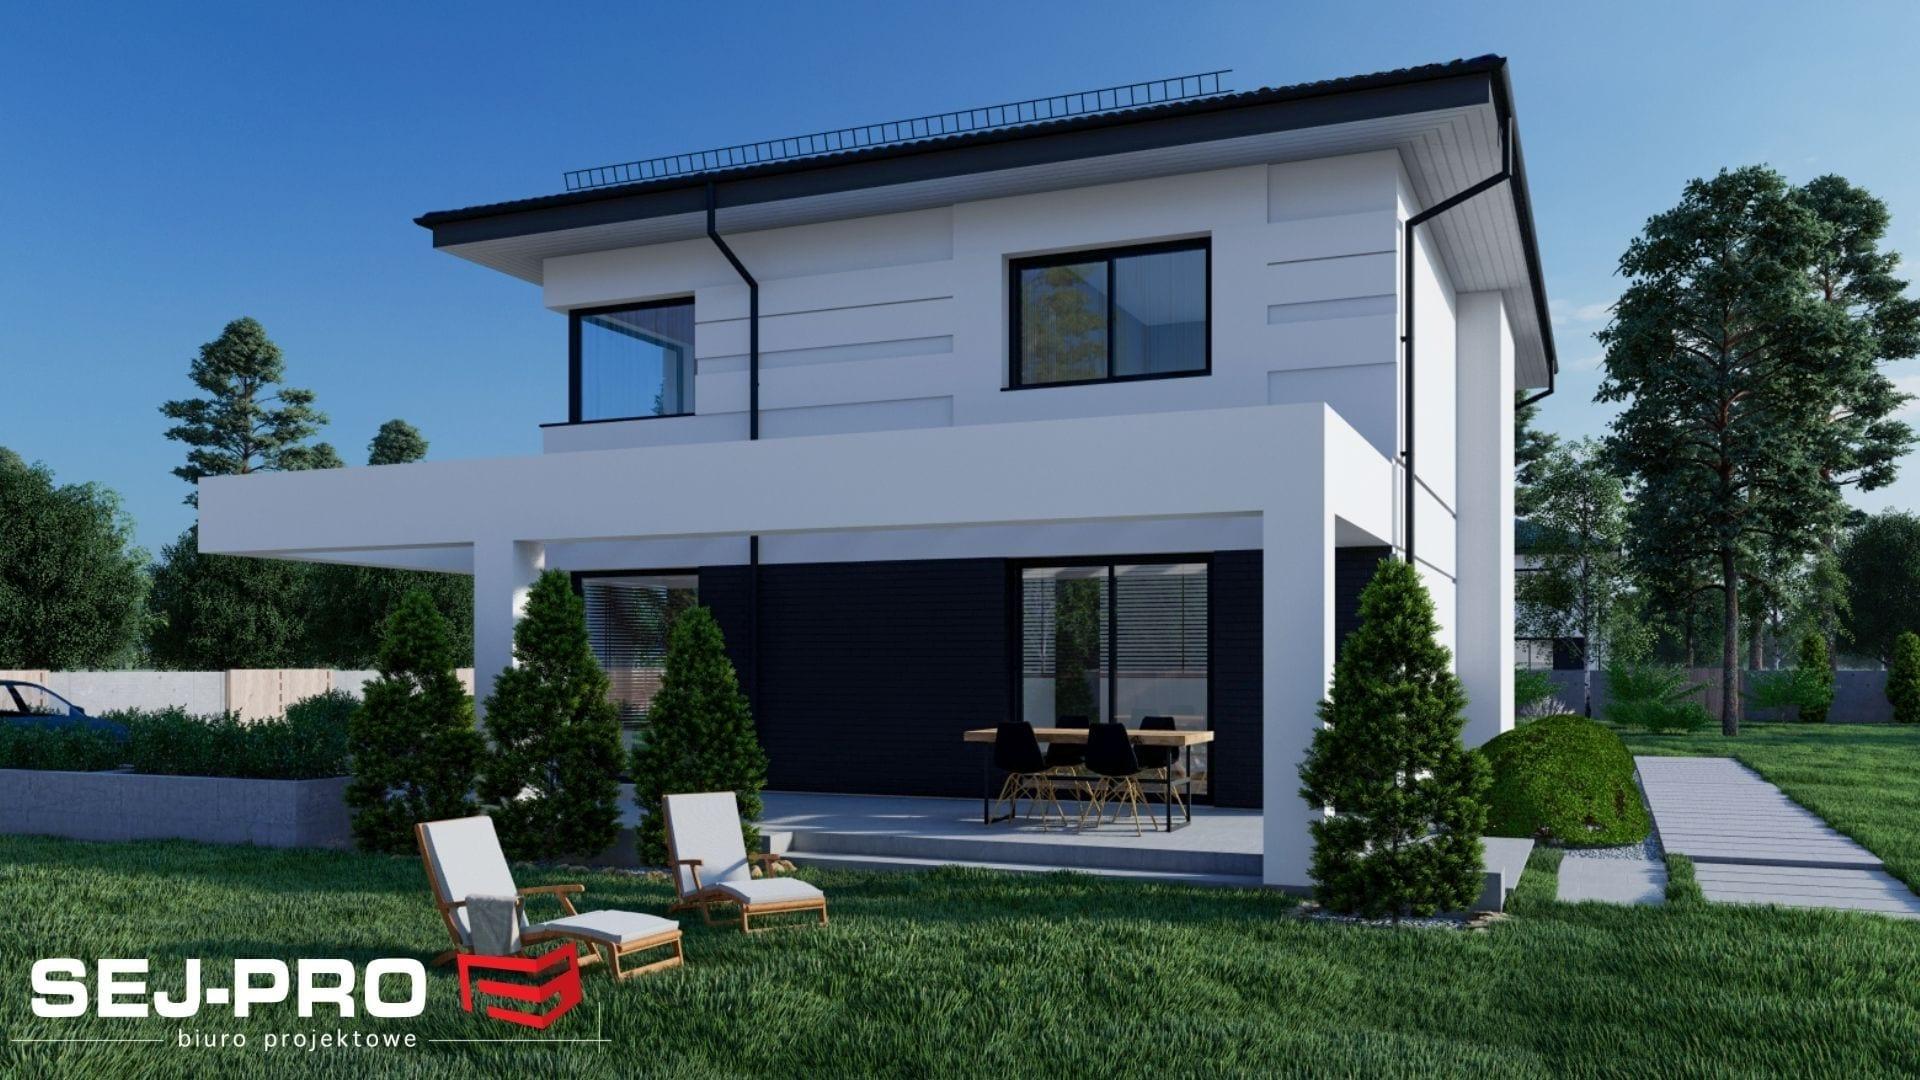 Projekt domu SEJ-PRO 032 ENERGO